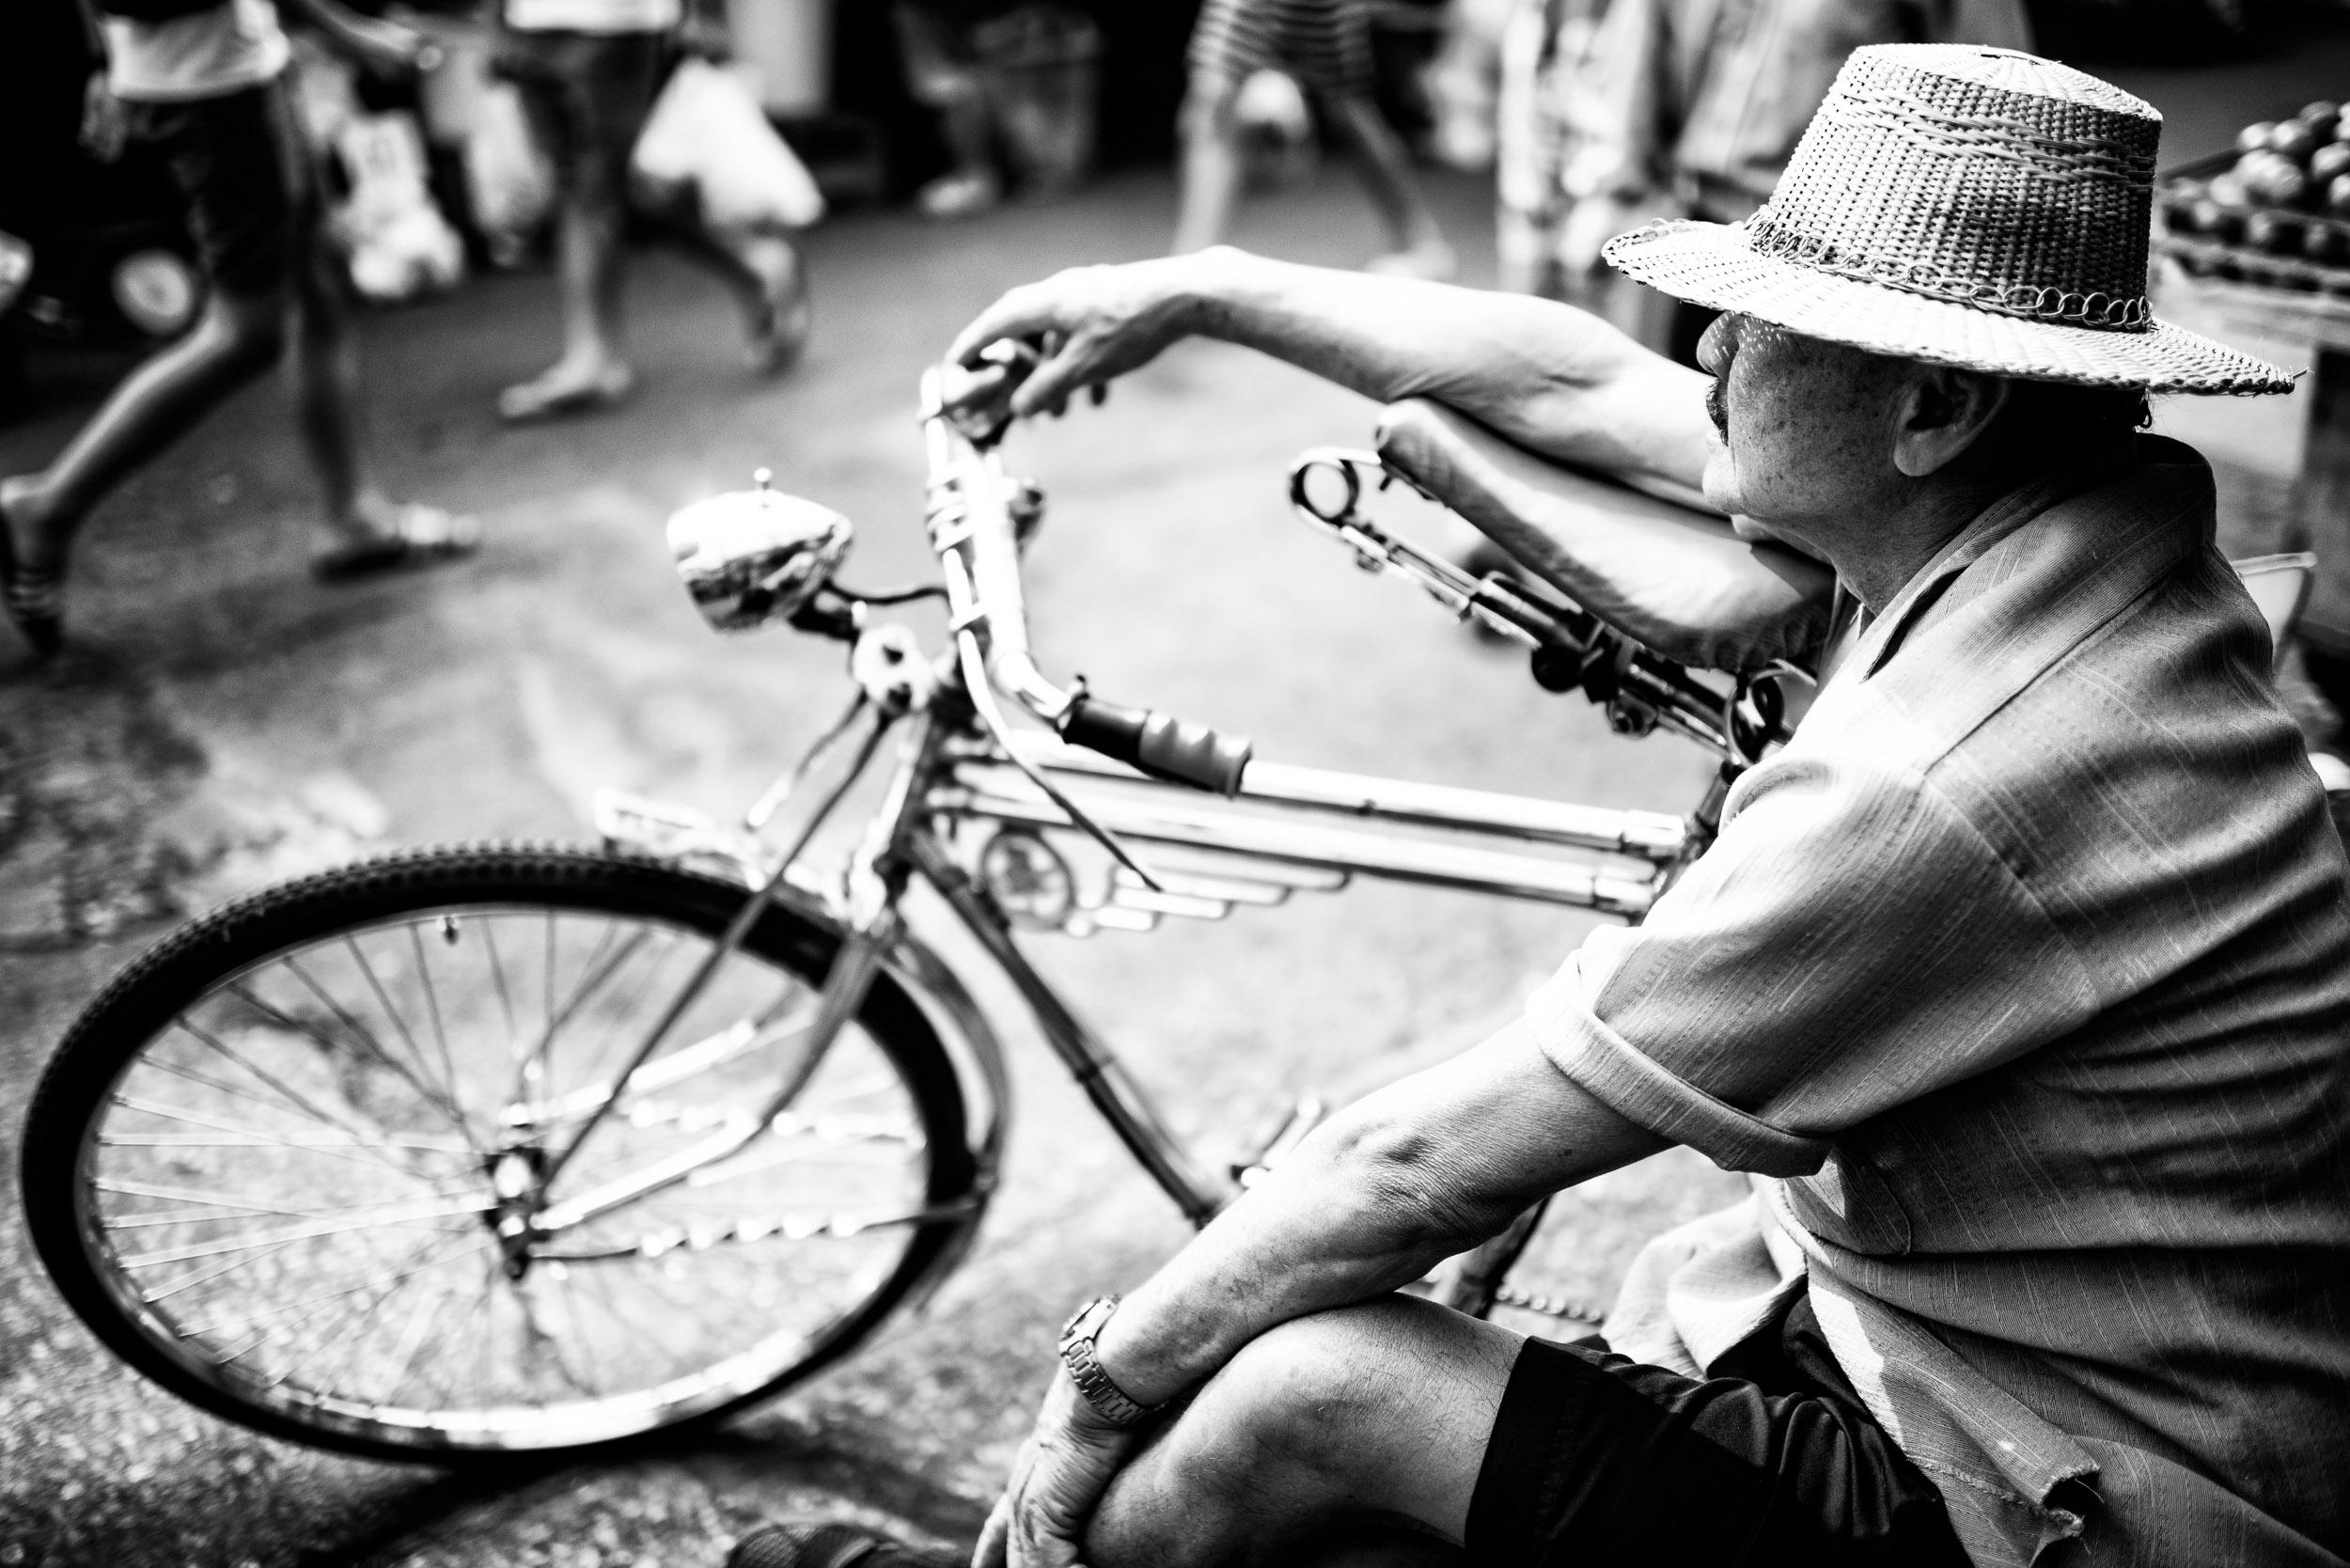 resting at the market. © Kevin Landwer-Johan